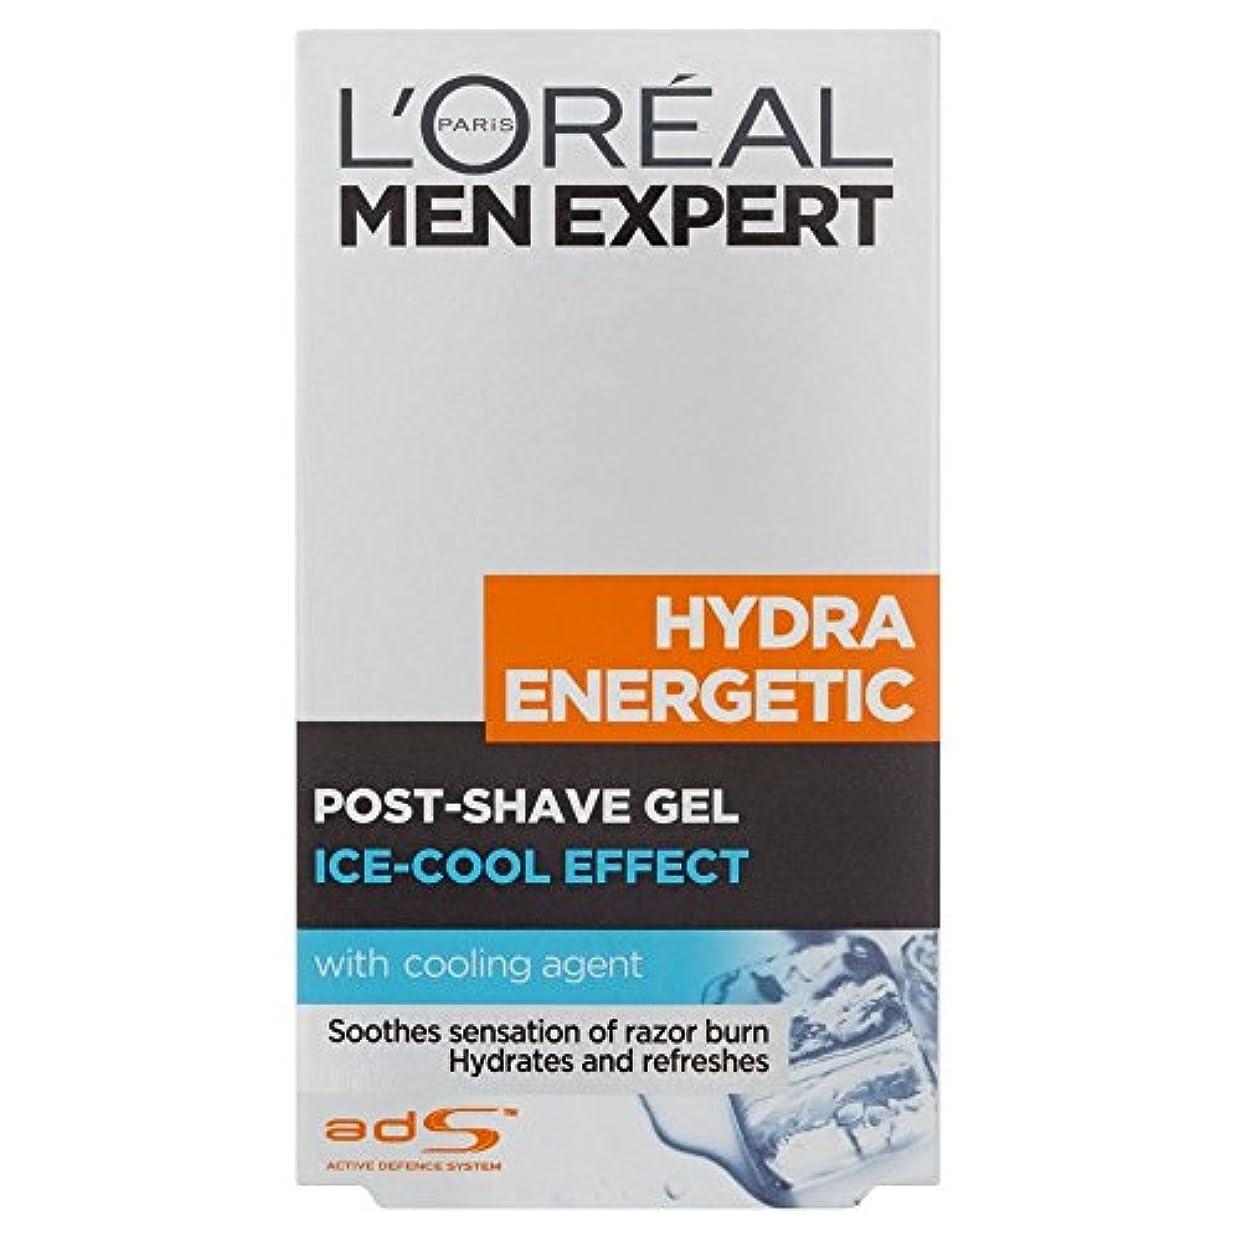 運命的ないつでも確保するL'Oreal Paris Men Expert Hydra Energetic Post Shave Balm (100ml) L'オラ?アルパリのメンズ専門ヒドラエネルギッシュなポストシェーブバーム( 100ミリリットル...